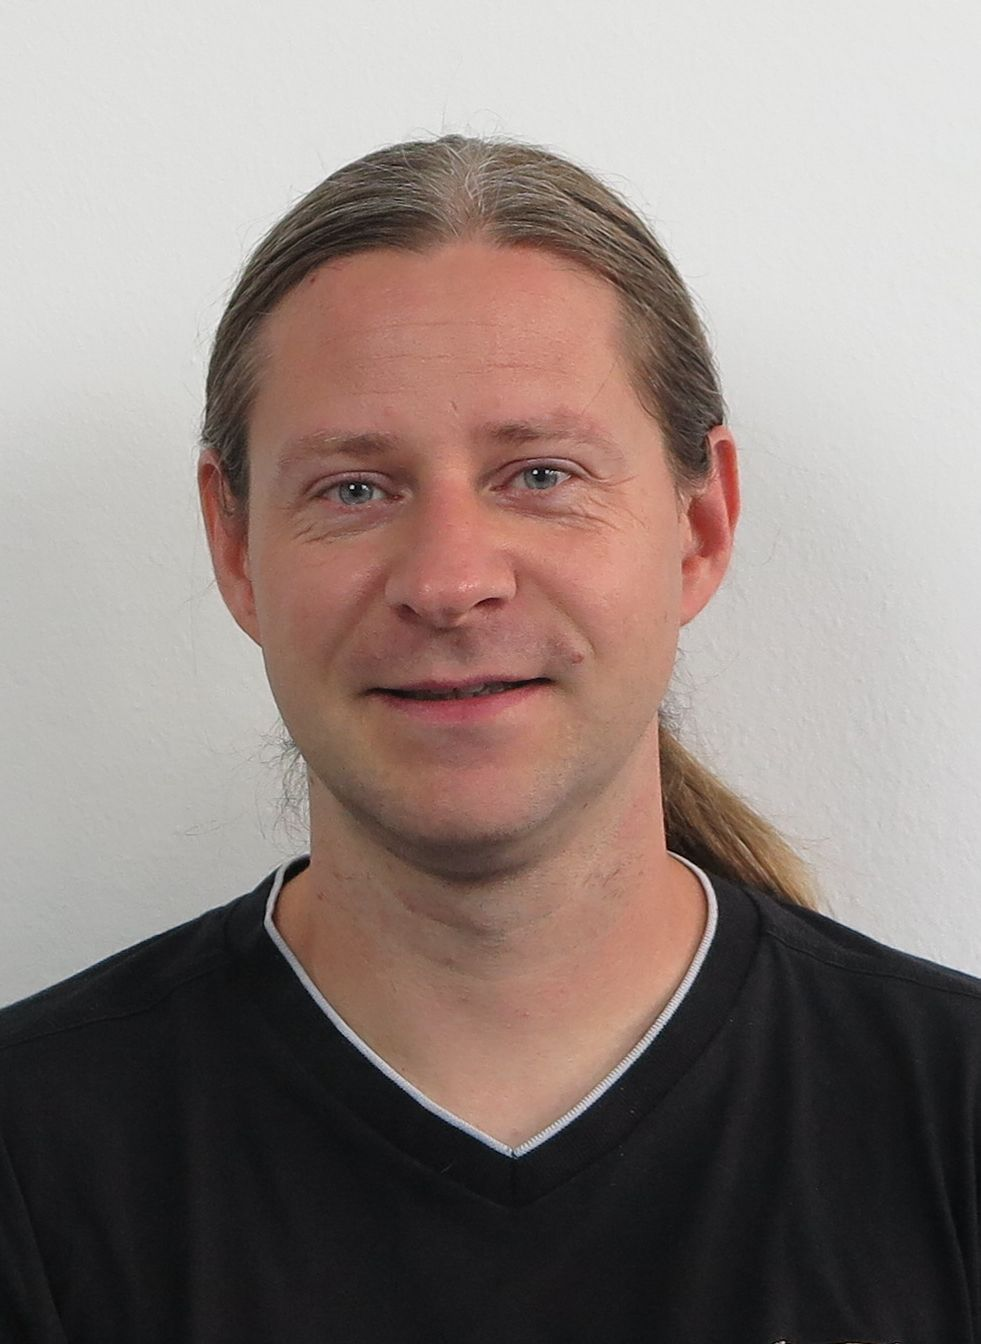 Piotr Majdak